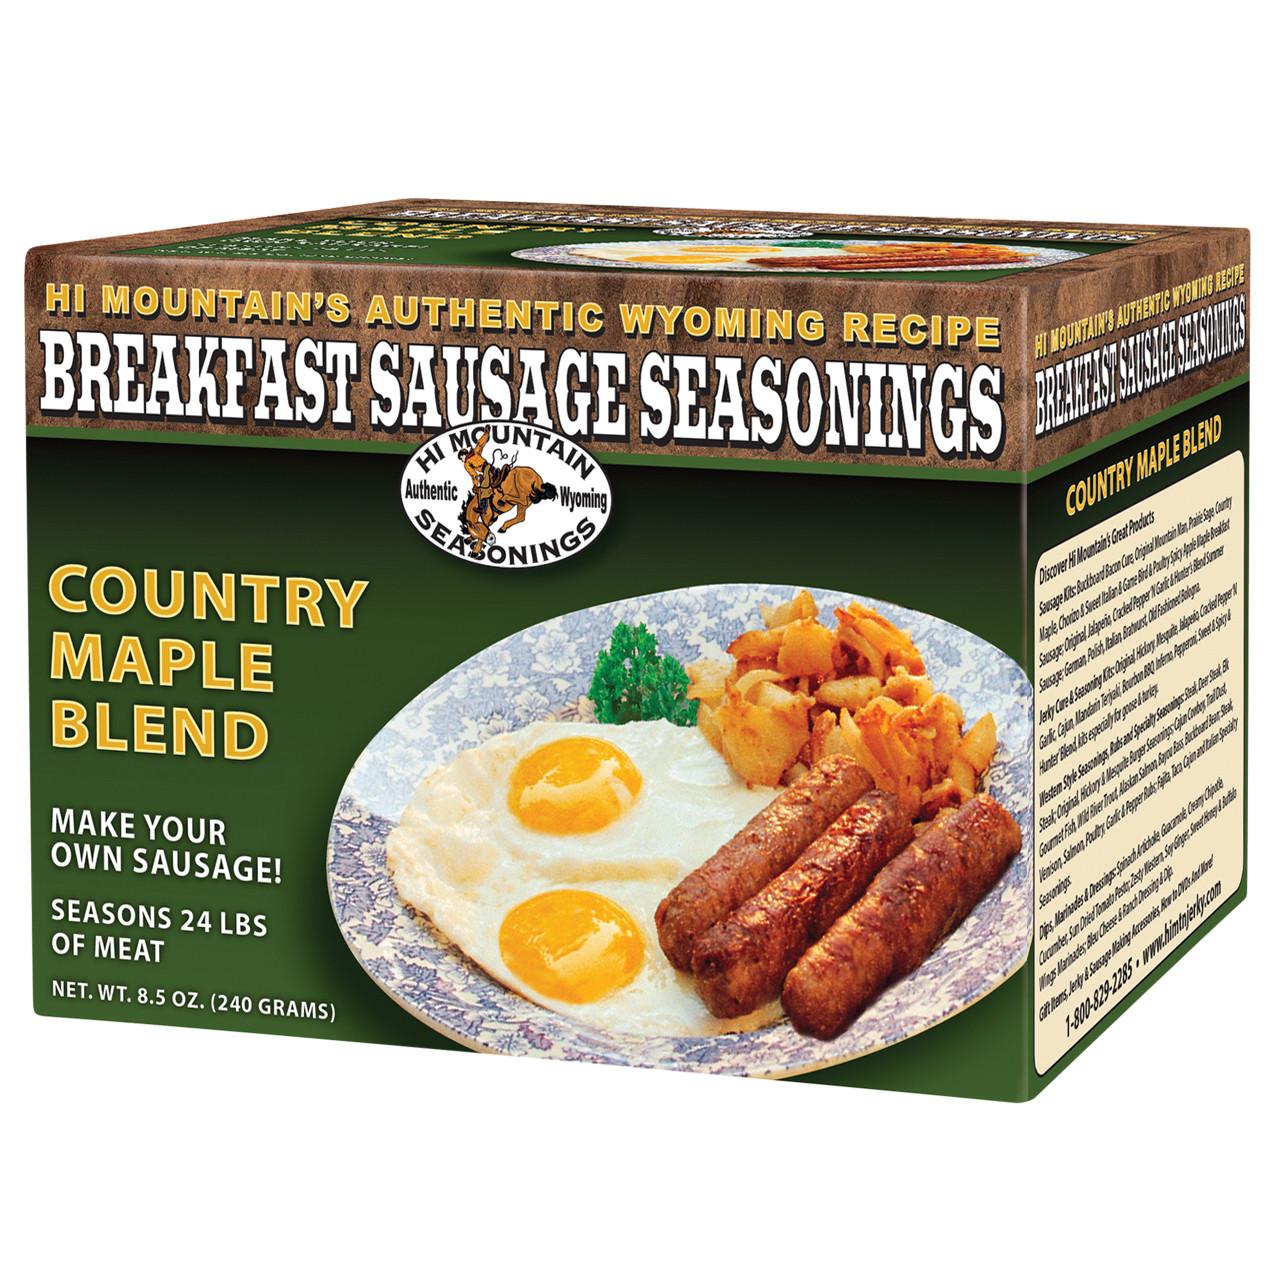 Country Maple Breakfast Sausage Seasoning